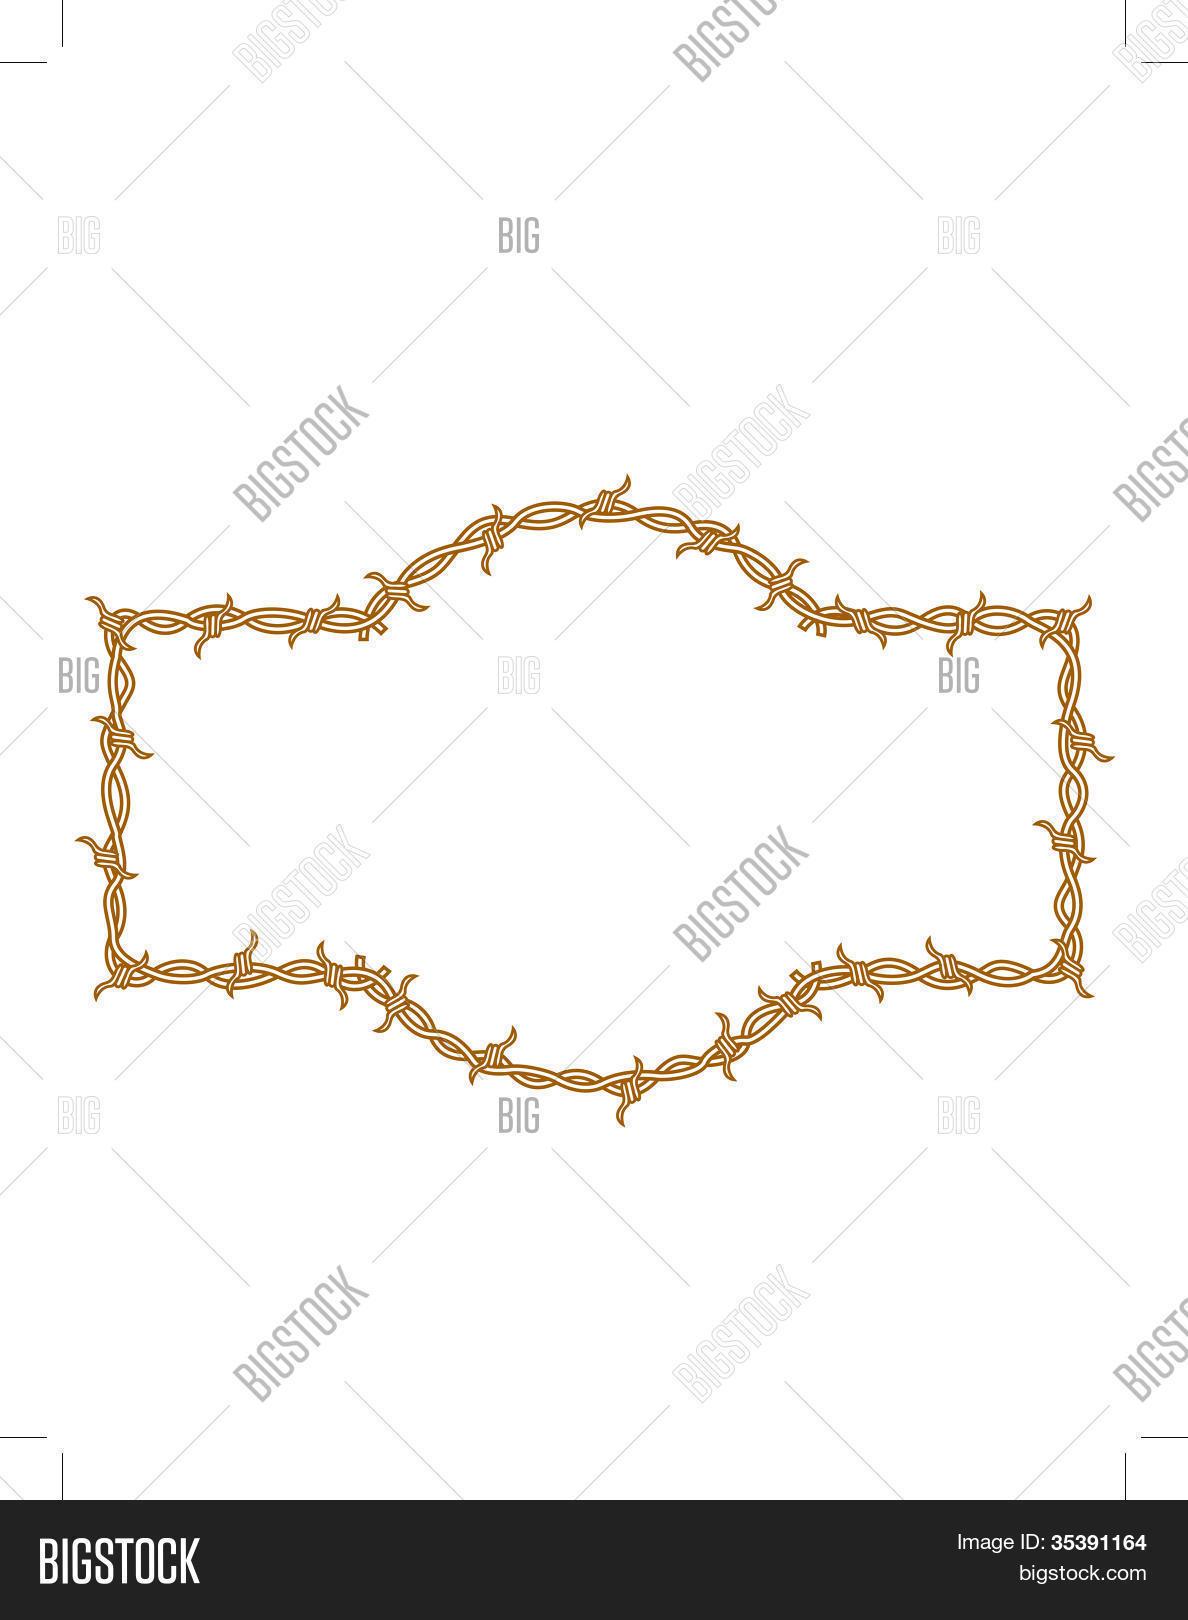 Barbed wire border clip art vector photo bigstock